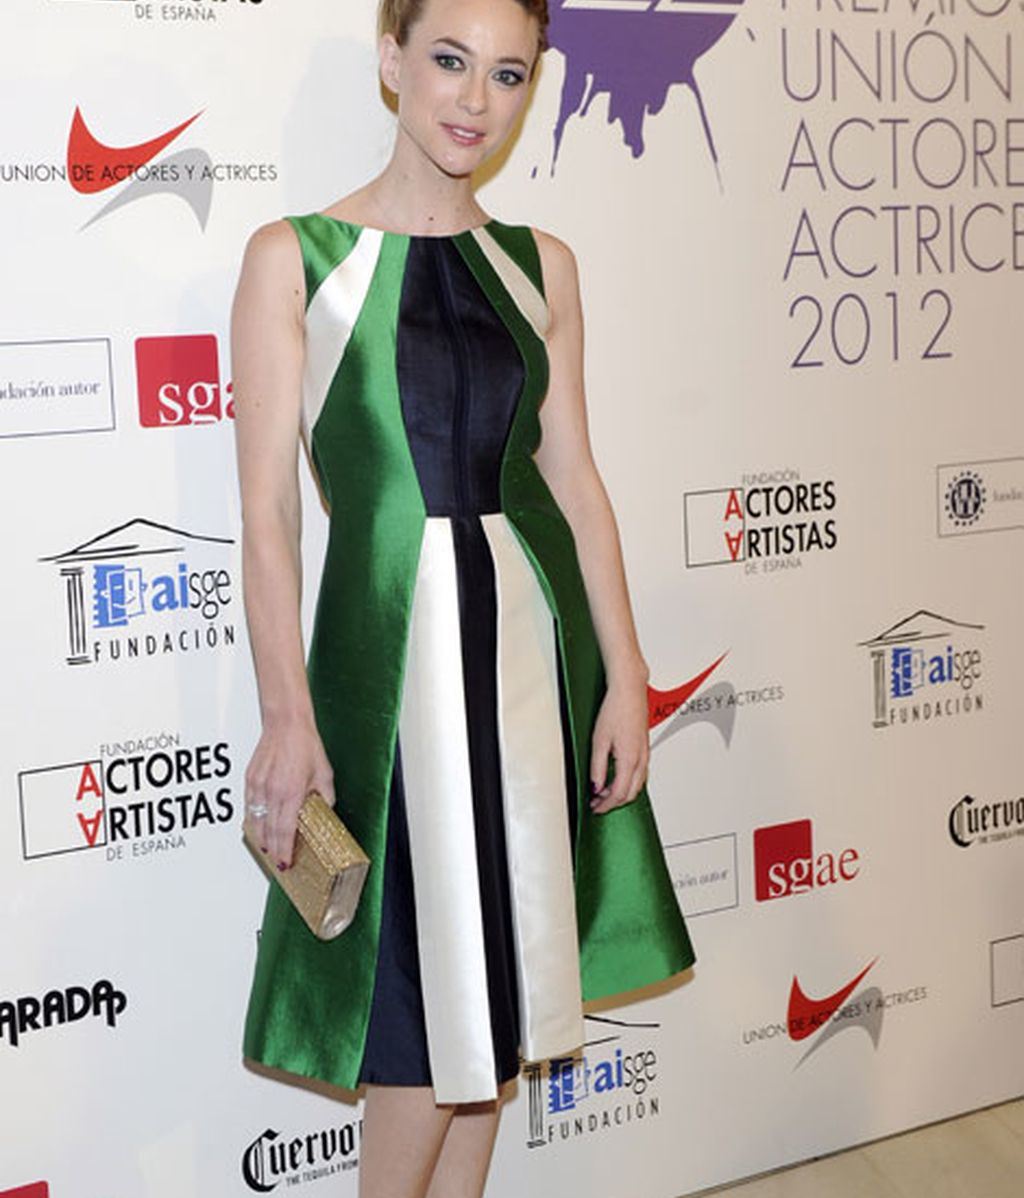 Marta Hazas eligió un vestido corto en tonos verdes, negros y beige